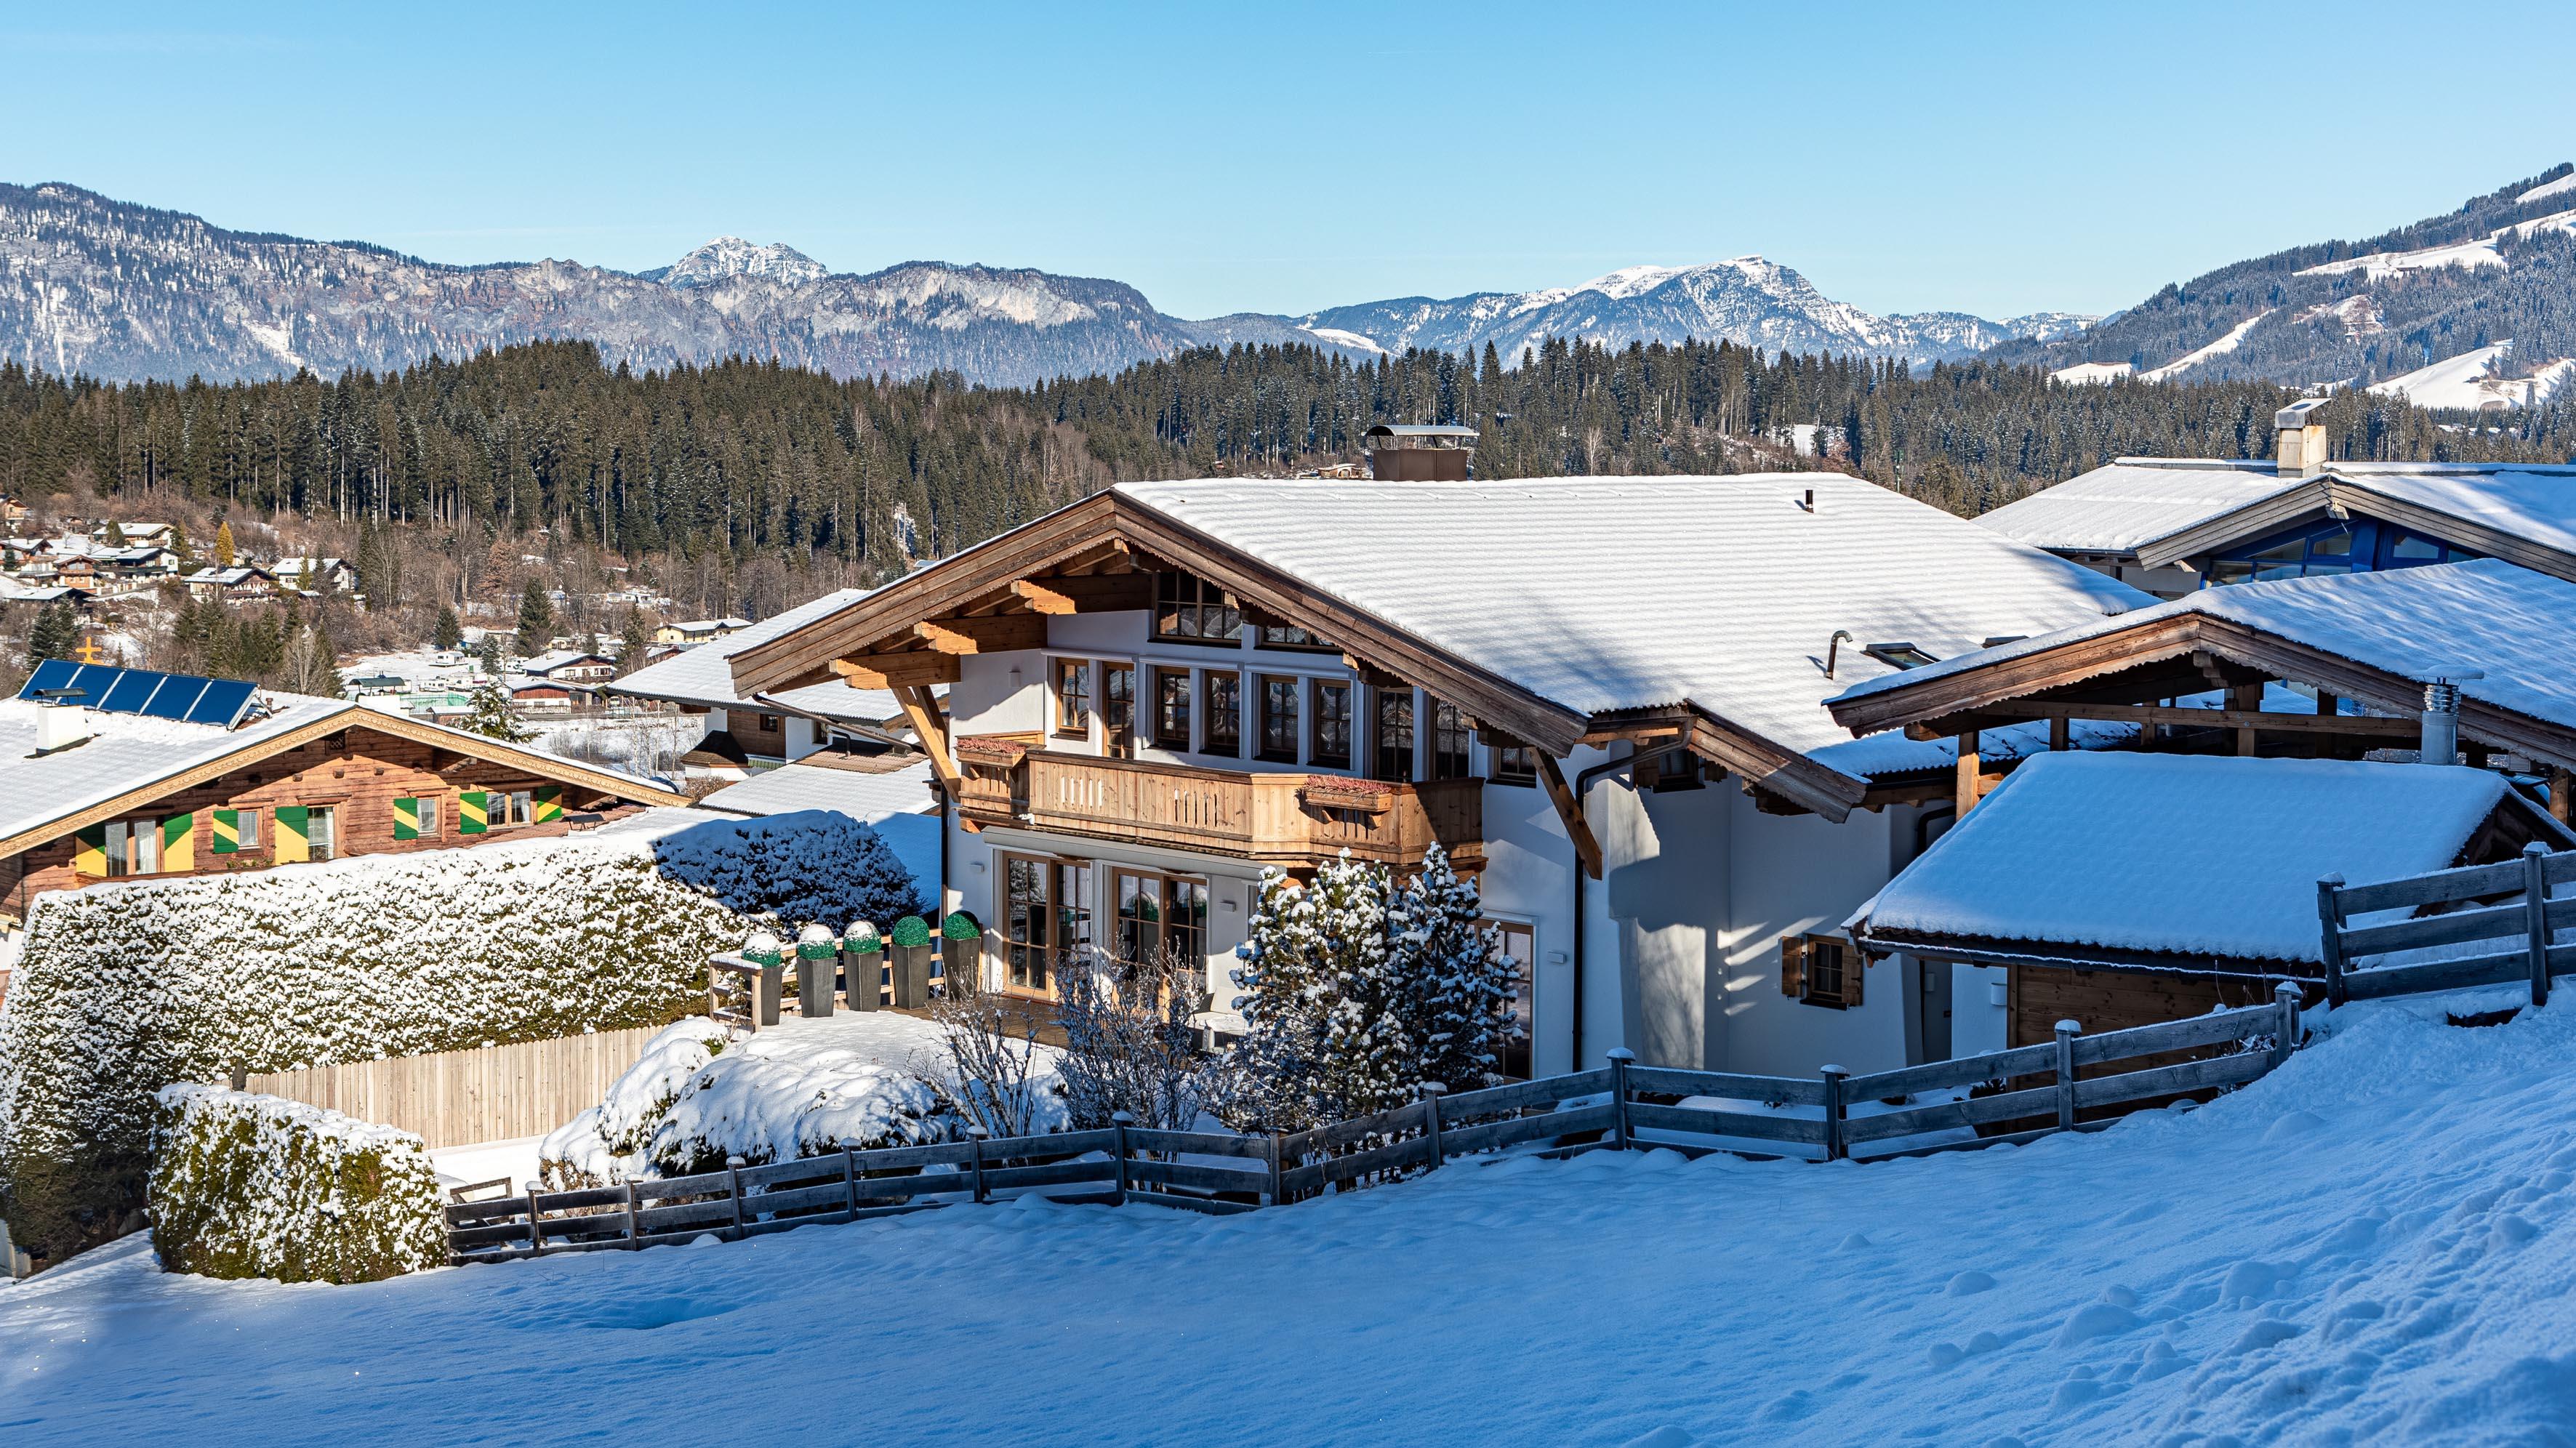 Schwartzsee Chalet Chalet, Austria